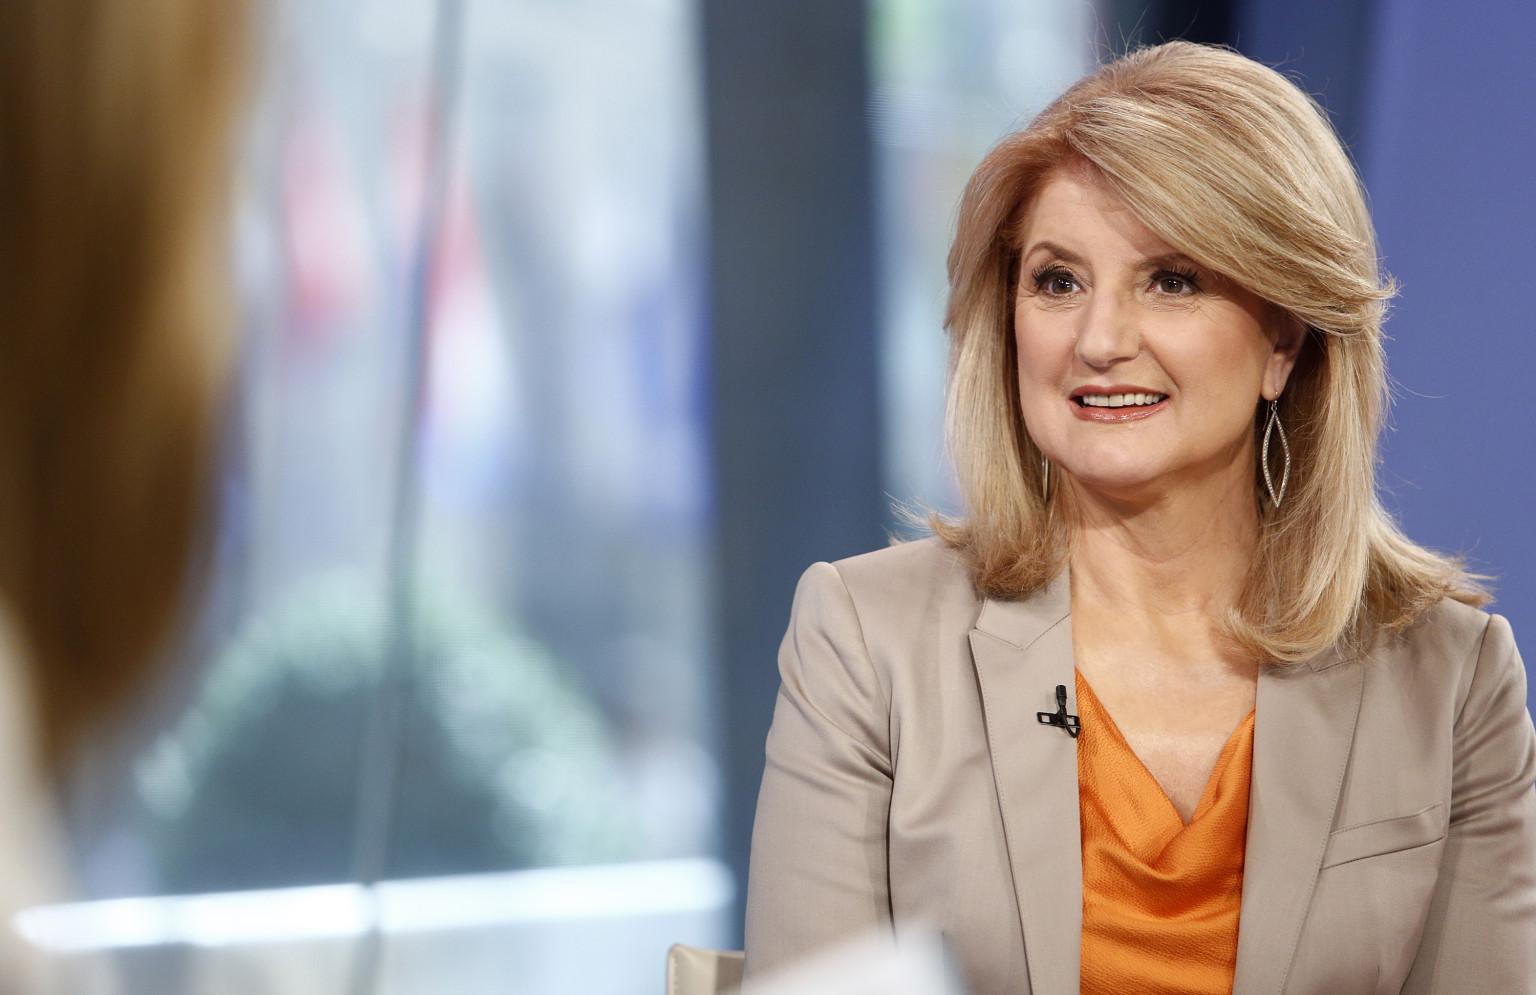 ТРЕСНУТЬ ПО СТРЕССУ: Арианна Хаффингтон, основательница Huffington Post, объясняет, как победить эпидемию стресса